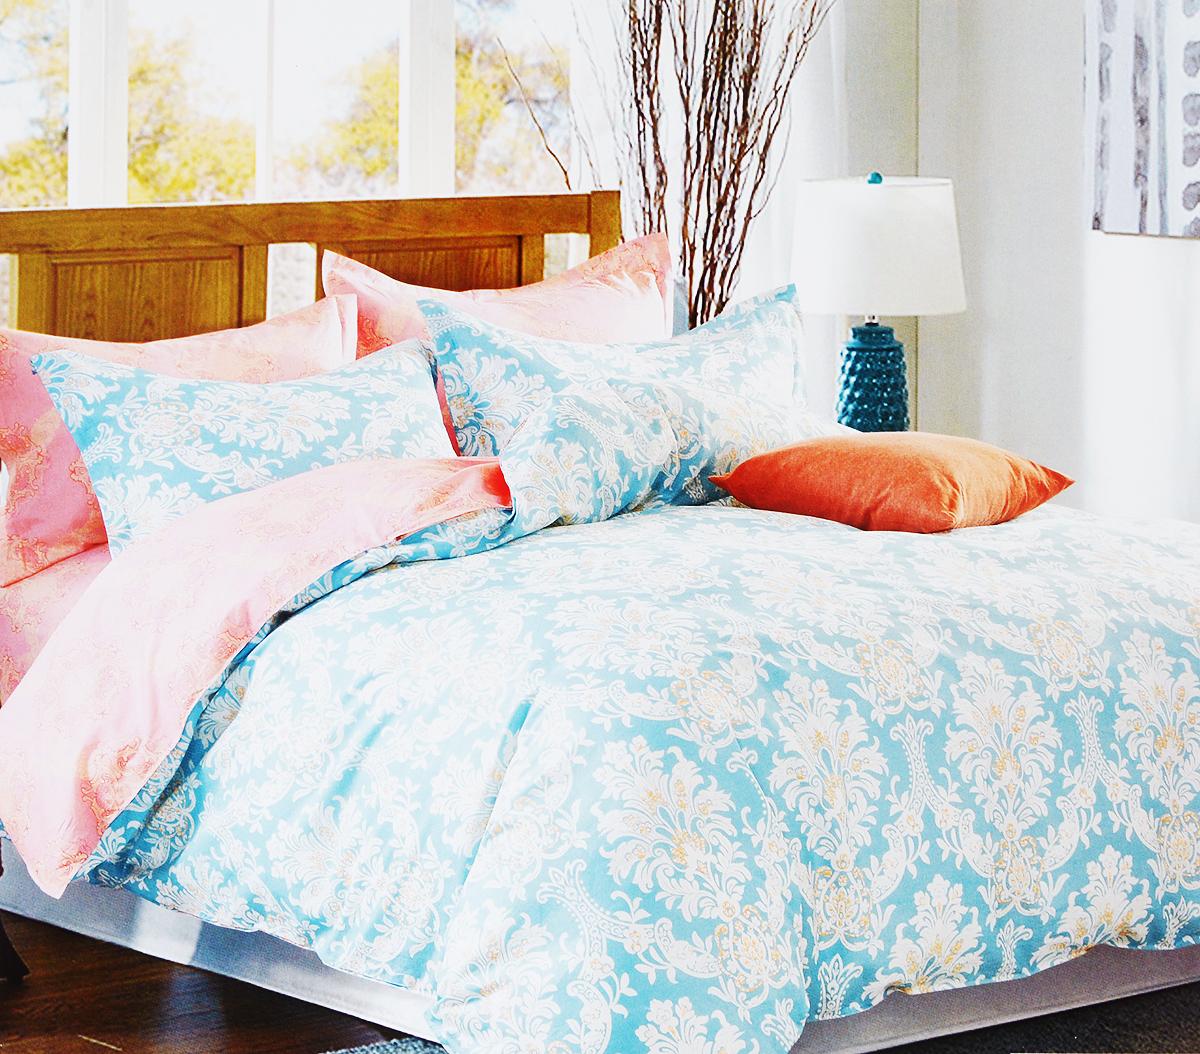 Комплект белья Arya Caro, 2-спальный, наволочки 50х70, 70х70, цвет: голубой, коралловыйTR1002255Роскошный комплект постельного белья Arya Caro состоит из пододеяльника, простыни и 4 наволочек, выполненных из сатина (100% хлопка). Сатин - прочная и плотная ткань с диагональным переплетением нитей. Сатиновое постельное белье легко переносит стирку в горячей воде, не выцветает, не соскальзывает с кровати и приятно на ощупь.Благодаря такому комплекту постельного белья вы создадите неповторимую атмосферу в вашей спальне.